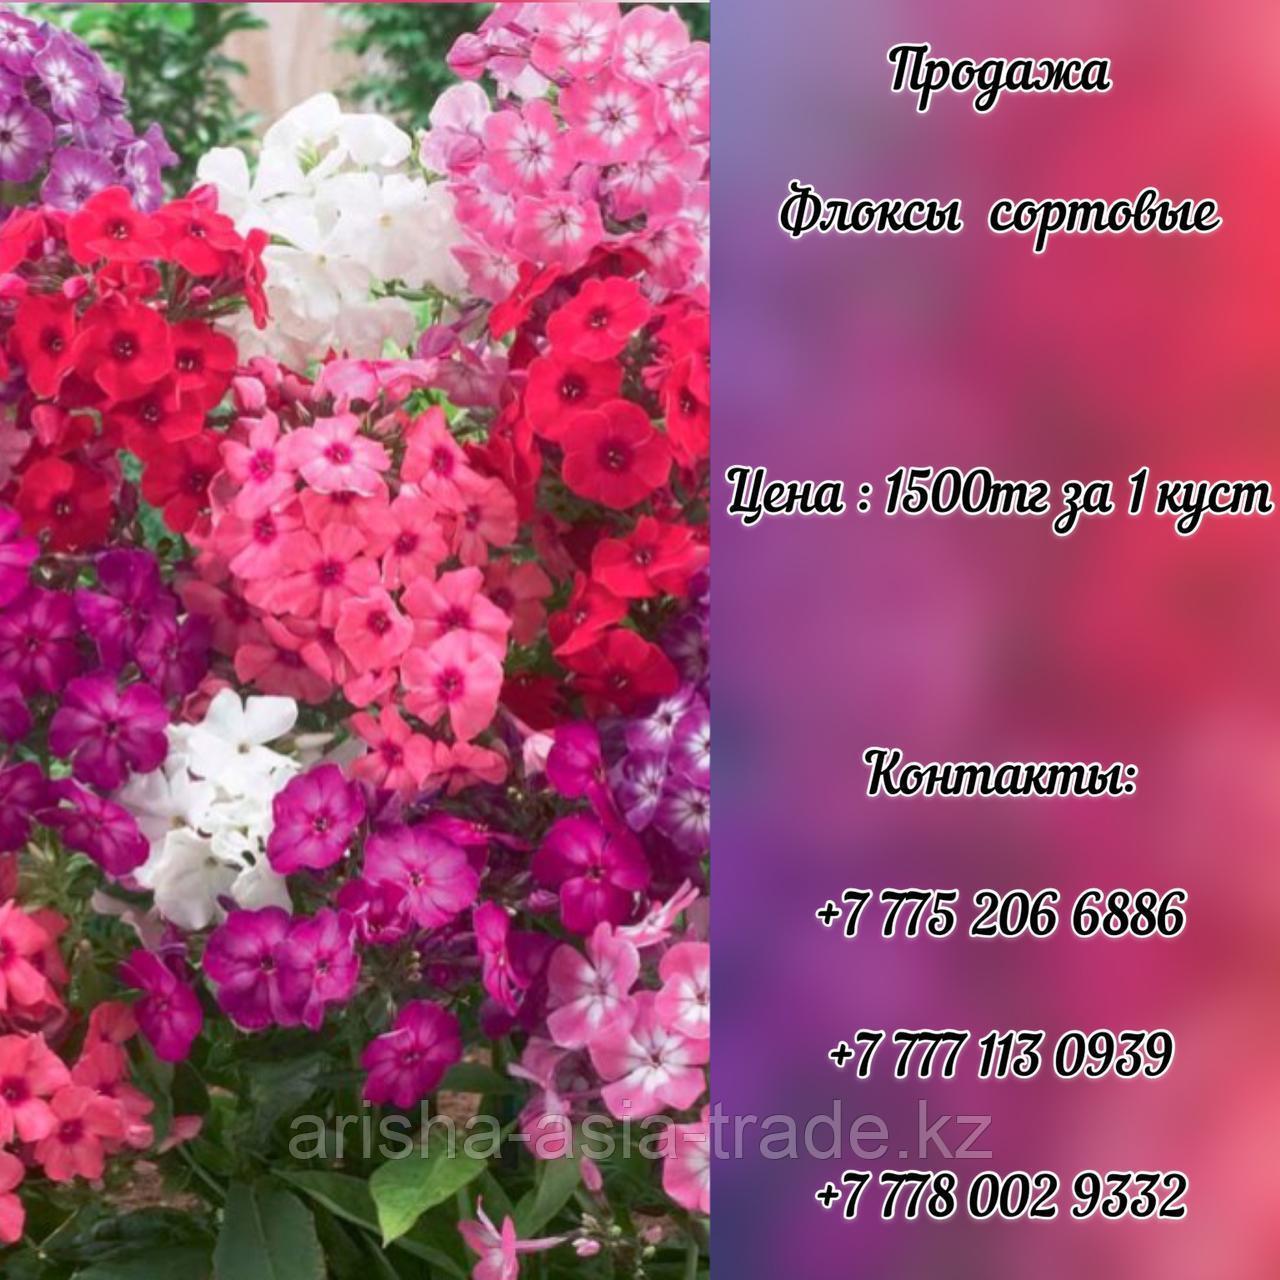 Цветы Флоксы сортовые.